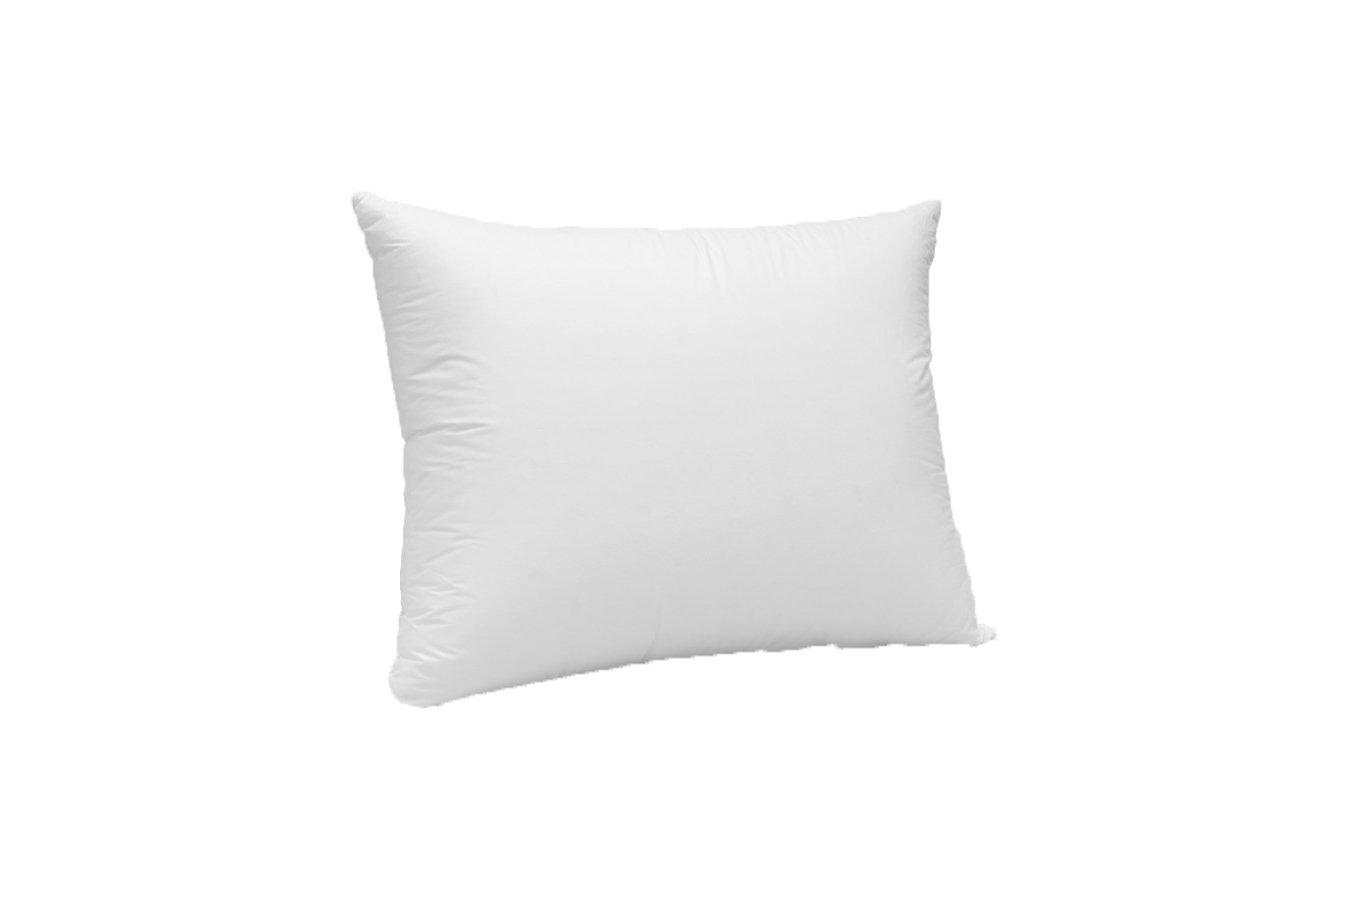 Pillows & Fibers 50/50'' Feather Insert Bed Pillow, 22'' x 22''